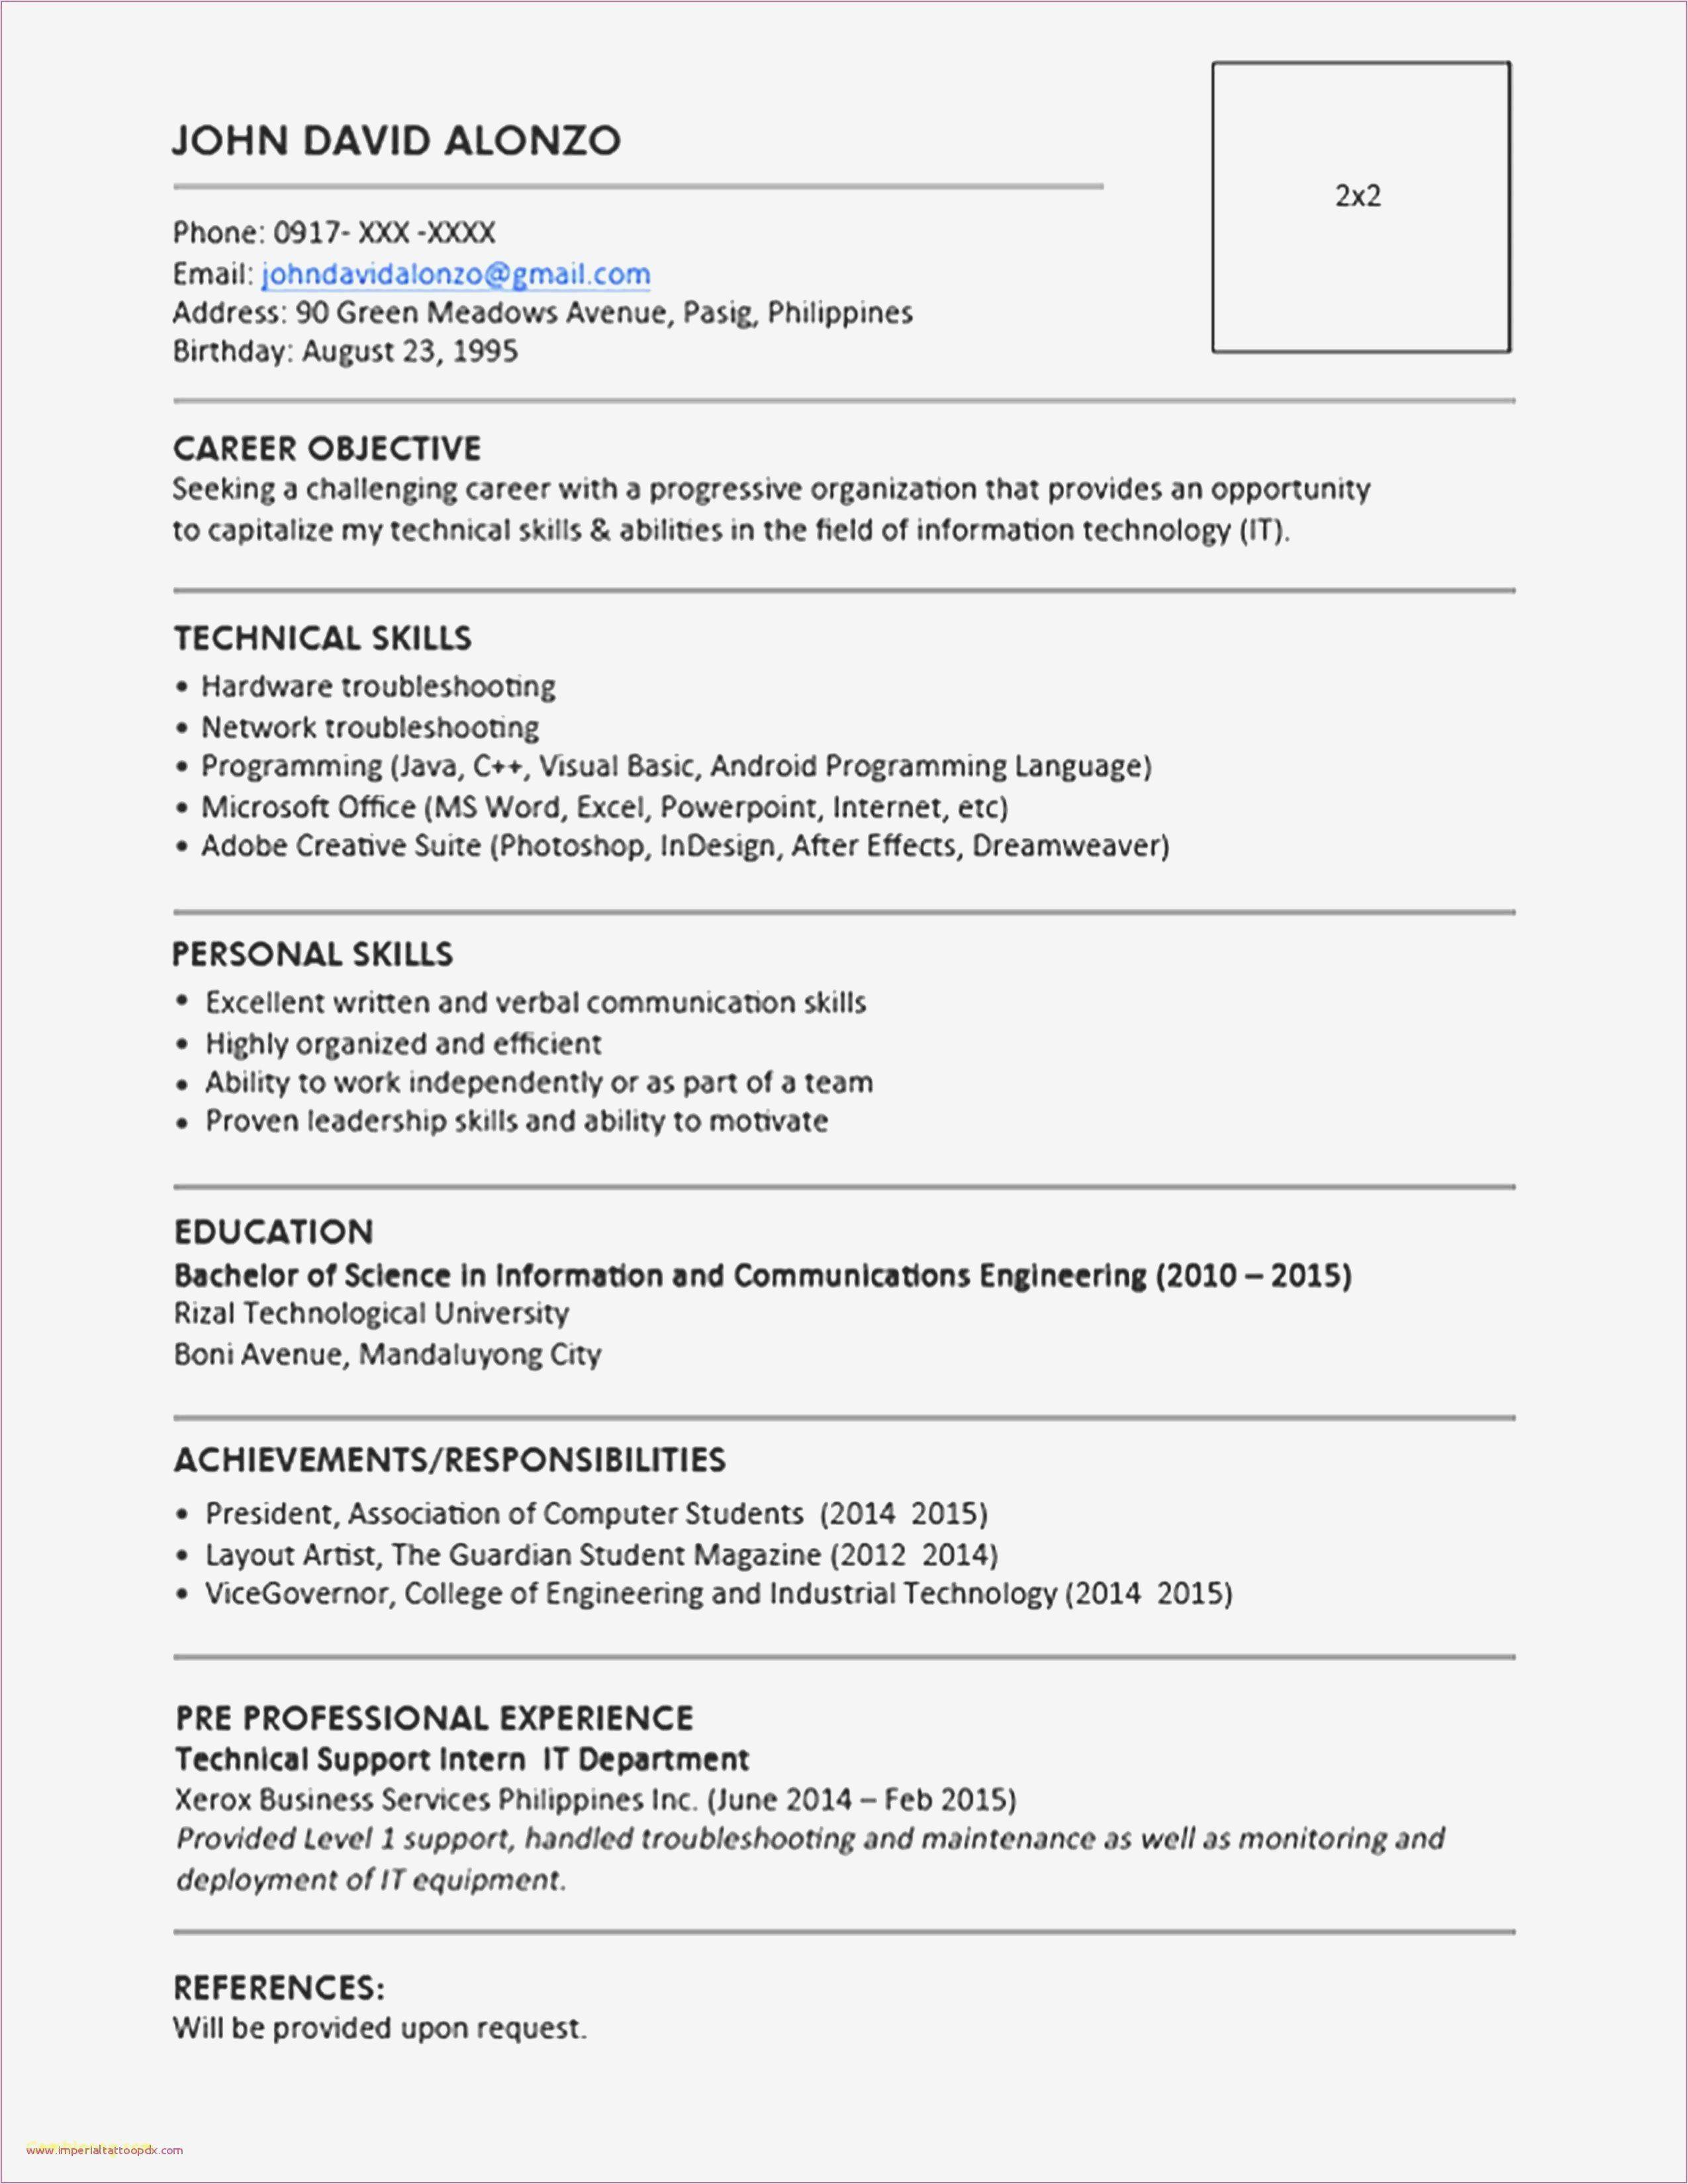 Desktop Support Resume Samples Luxury Sample Resume Format Karate Do Nrw De In 2020 Indesign Resume Template Resume Template Word Resume Template Free